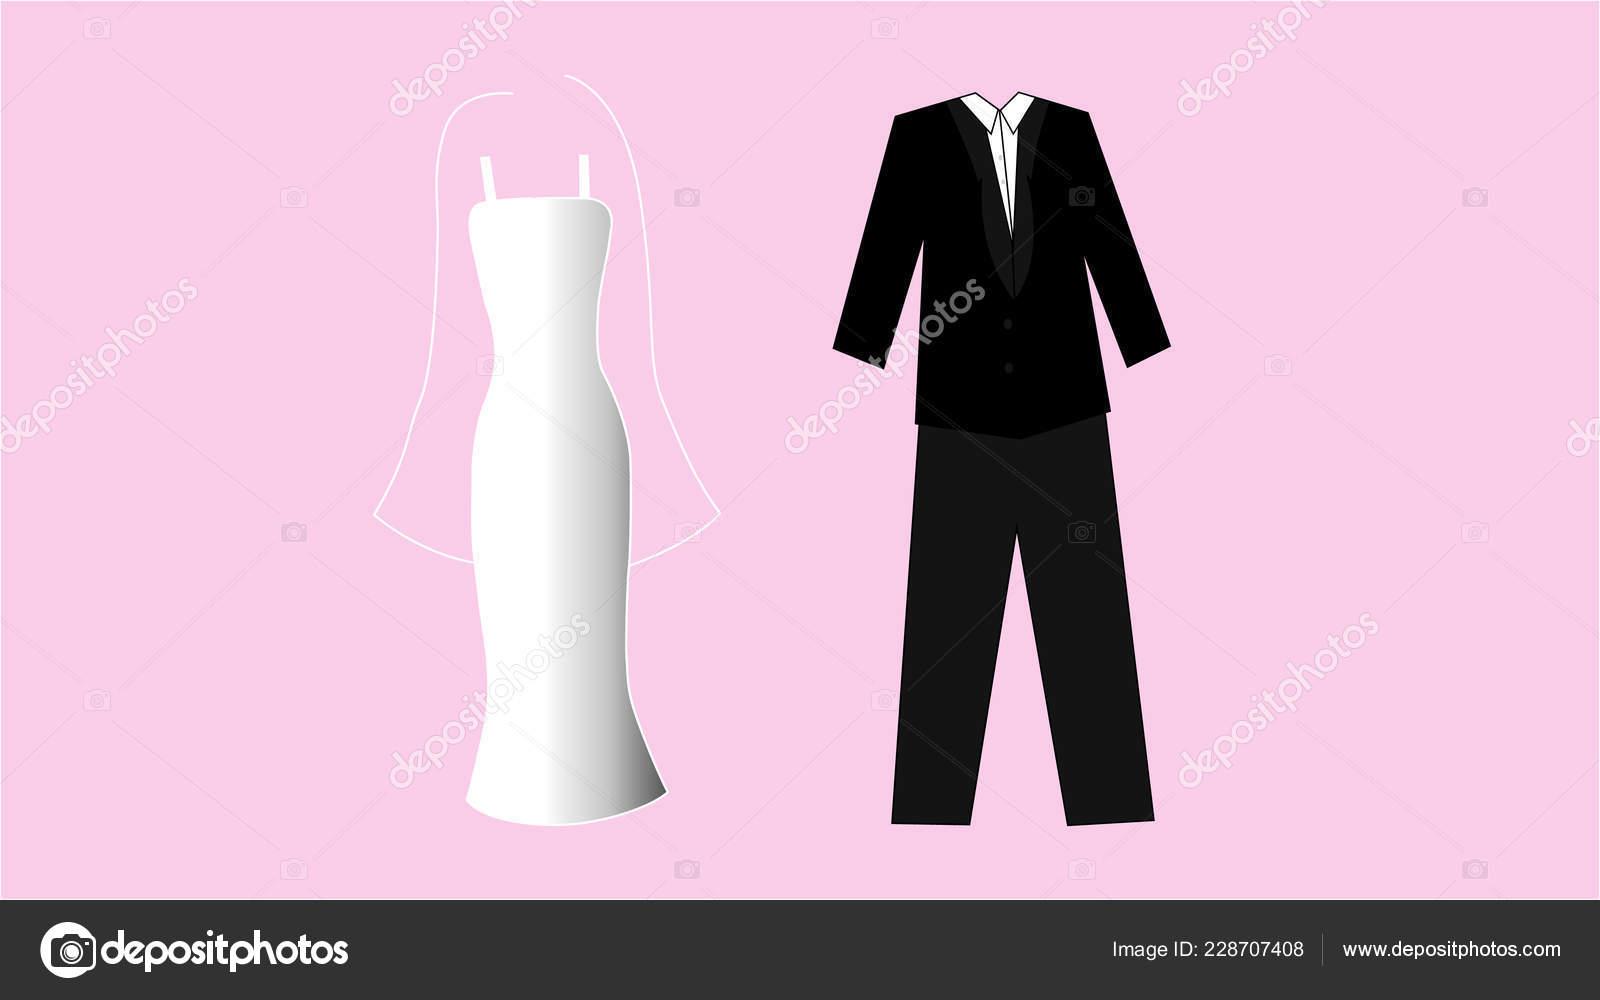 Illustration White Wedding Dress Black Suit Pink Background Stock Vector: Black Suit Pink Wedding Dress At Reisefeber.org